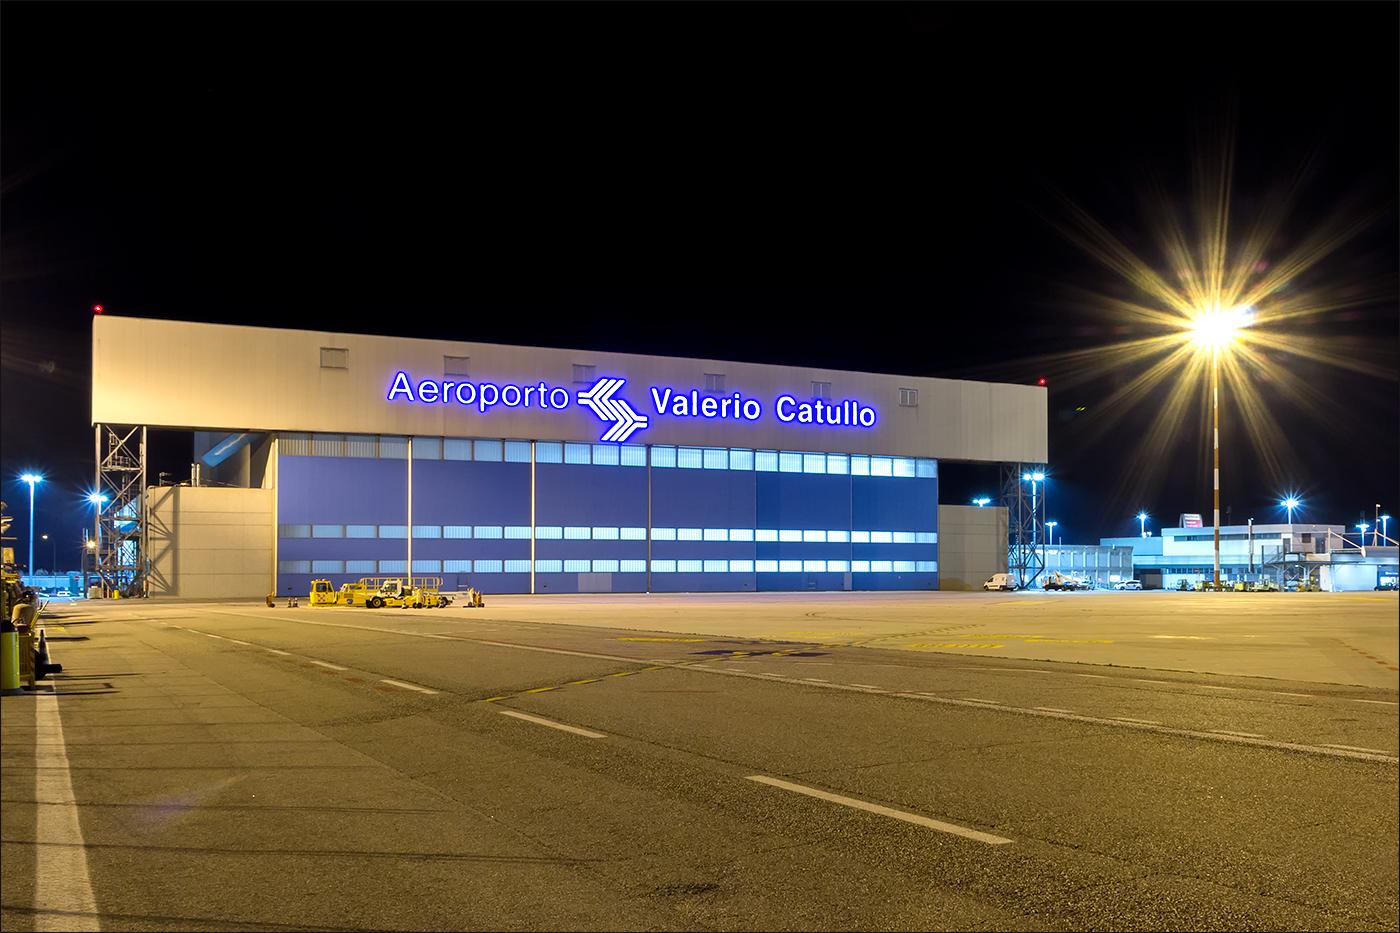 Aeroporto di Verona: chiusura per lavori dalle 22.00 del 2 alle 04.00 del 9 ottobre